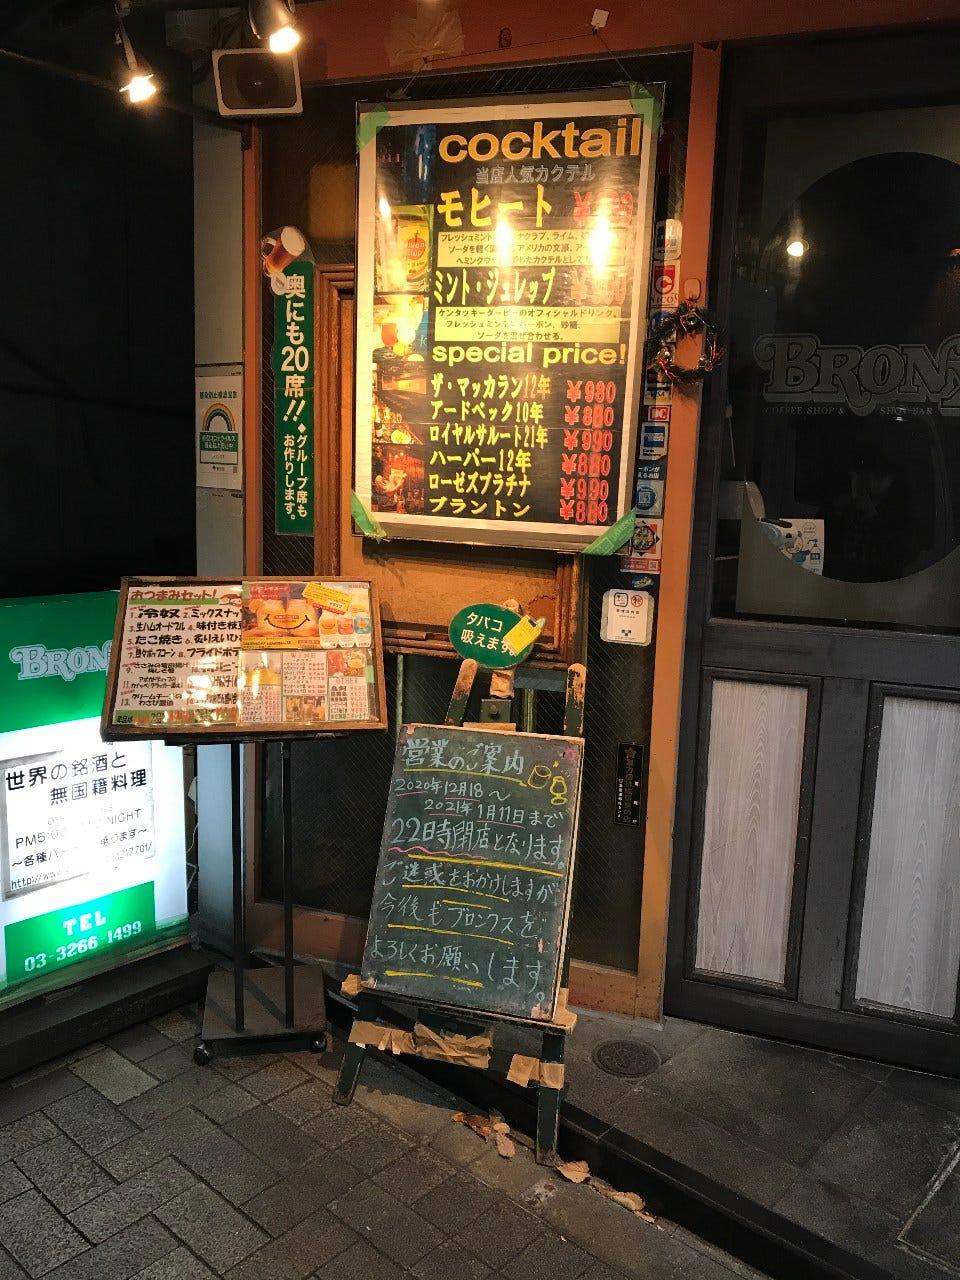 お知らせ 令和2年12月18日〜令和3年1月11日は22時閉店です。